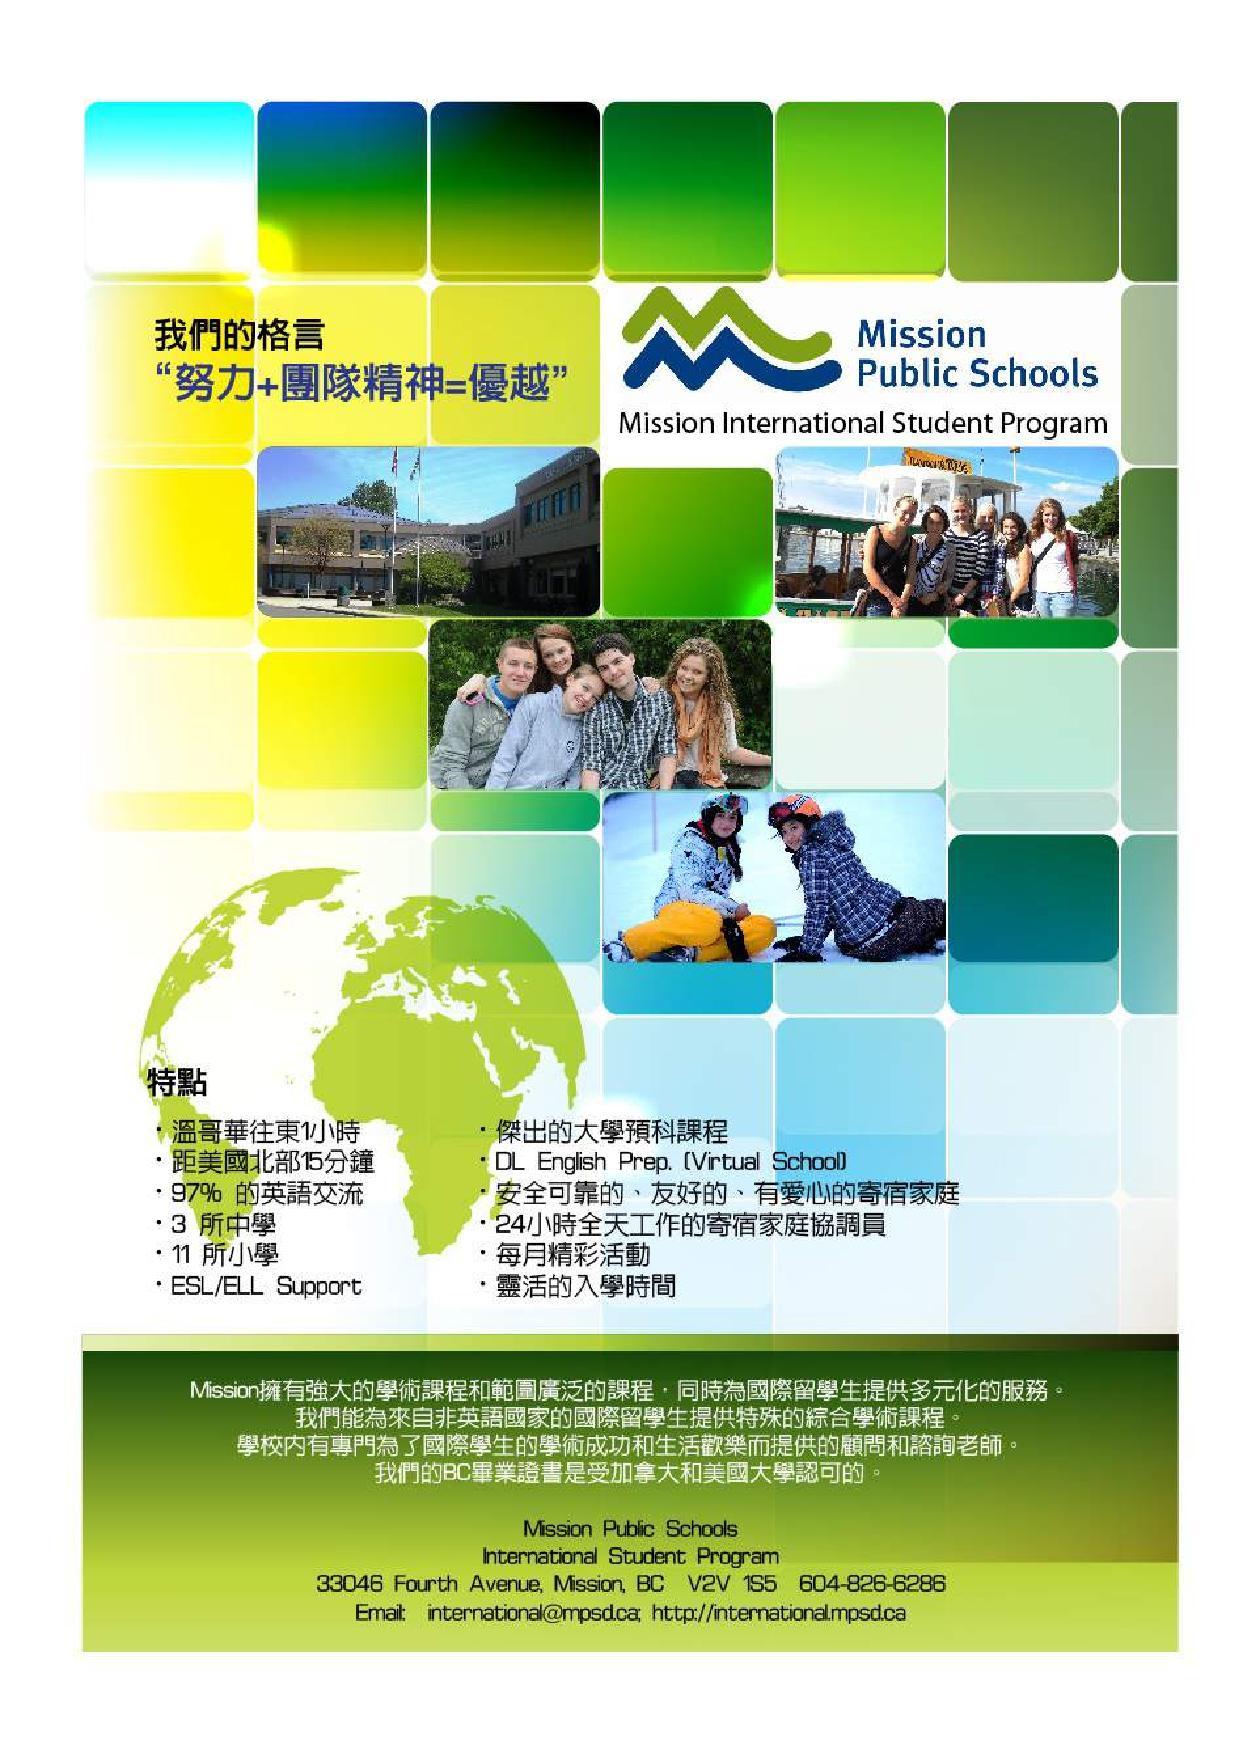 2014 加拿大教育指南 - 023